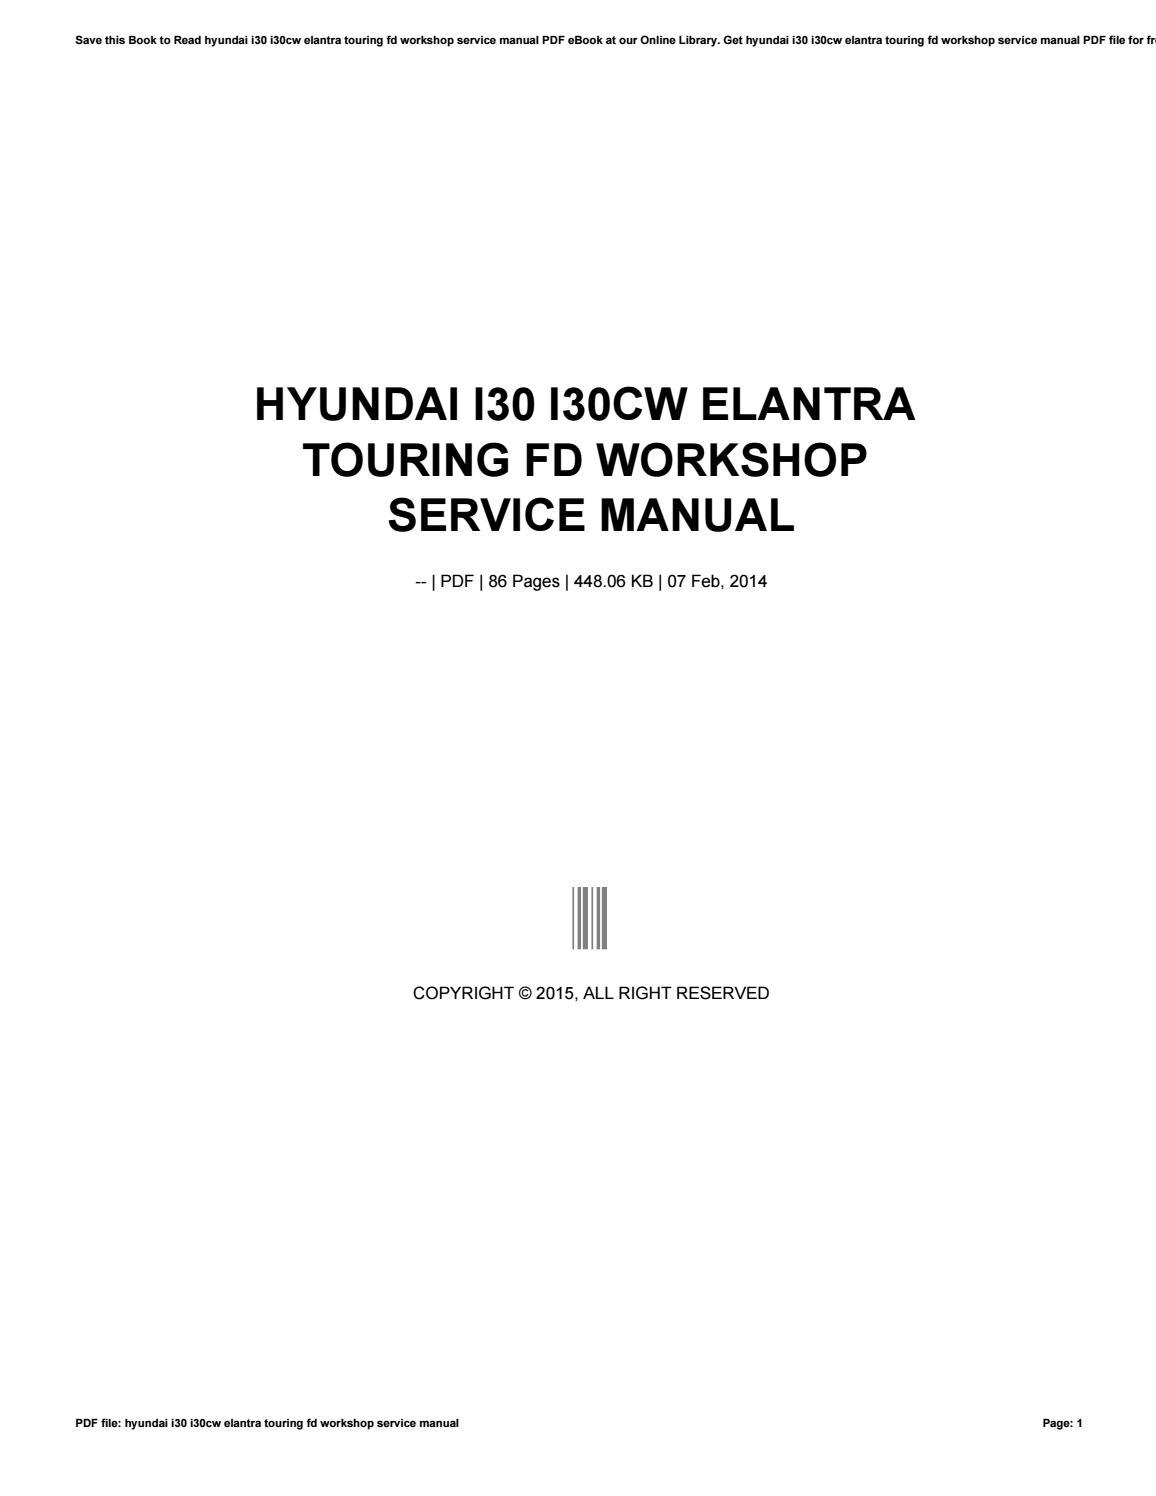 manual elantra 2014 pdf